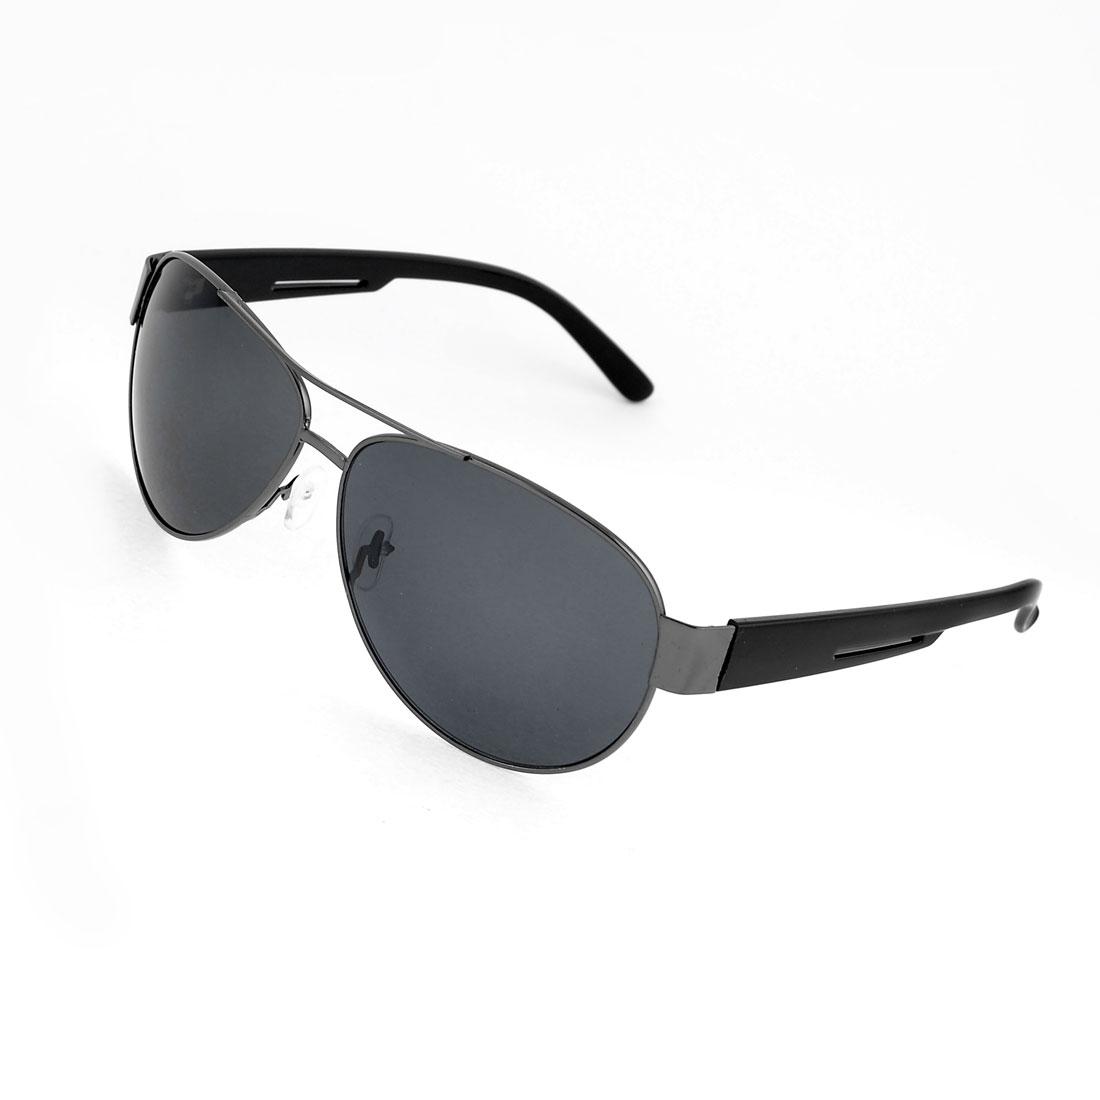 Black Plastic Arms Metal Full Rim Colored Lens Sunglasses for Men